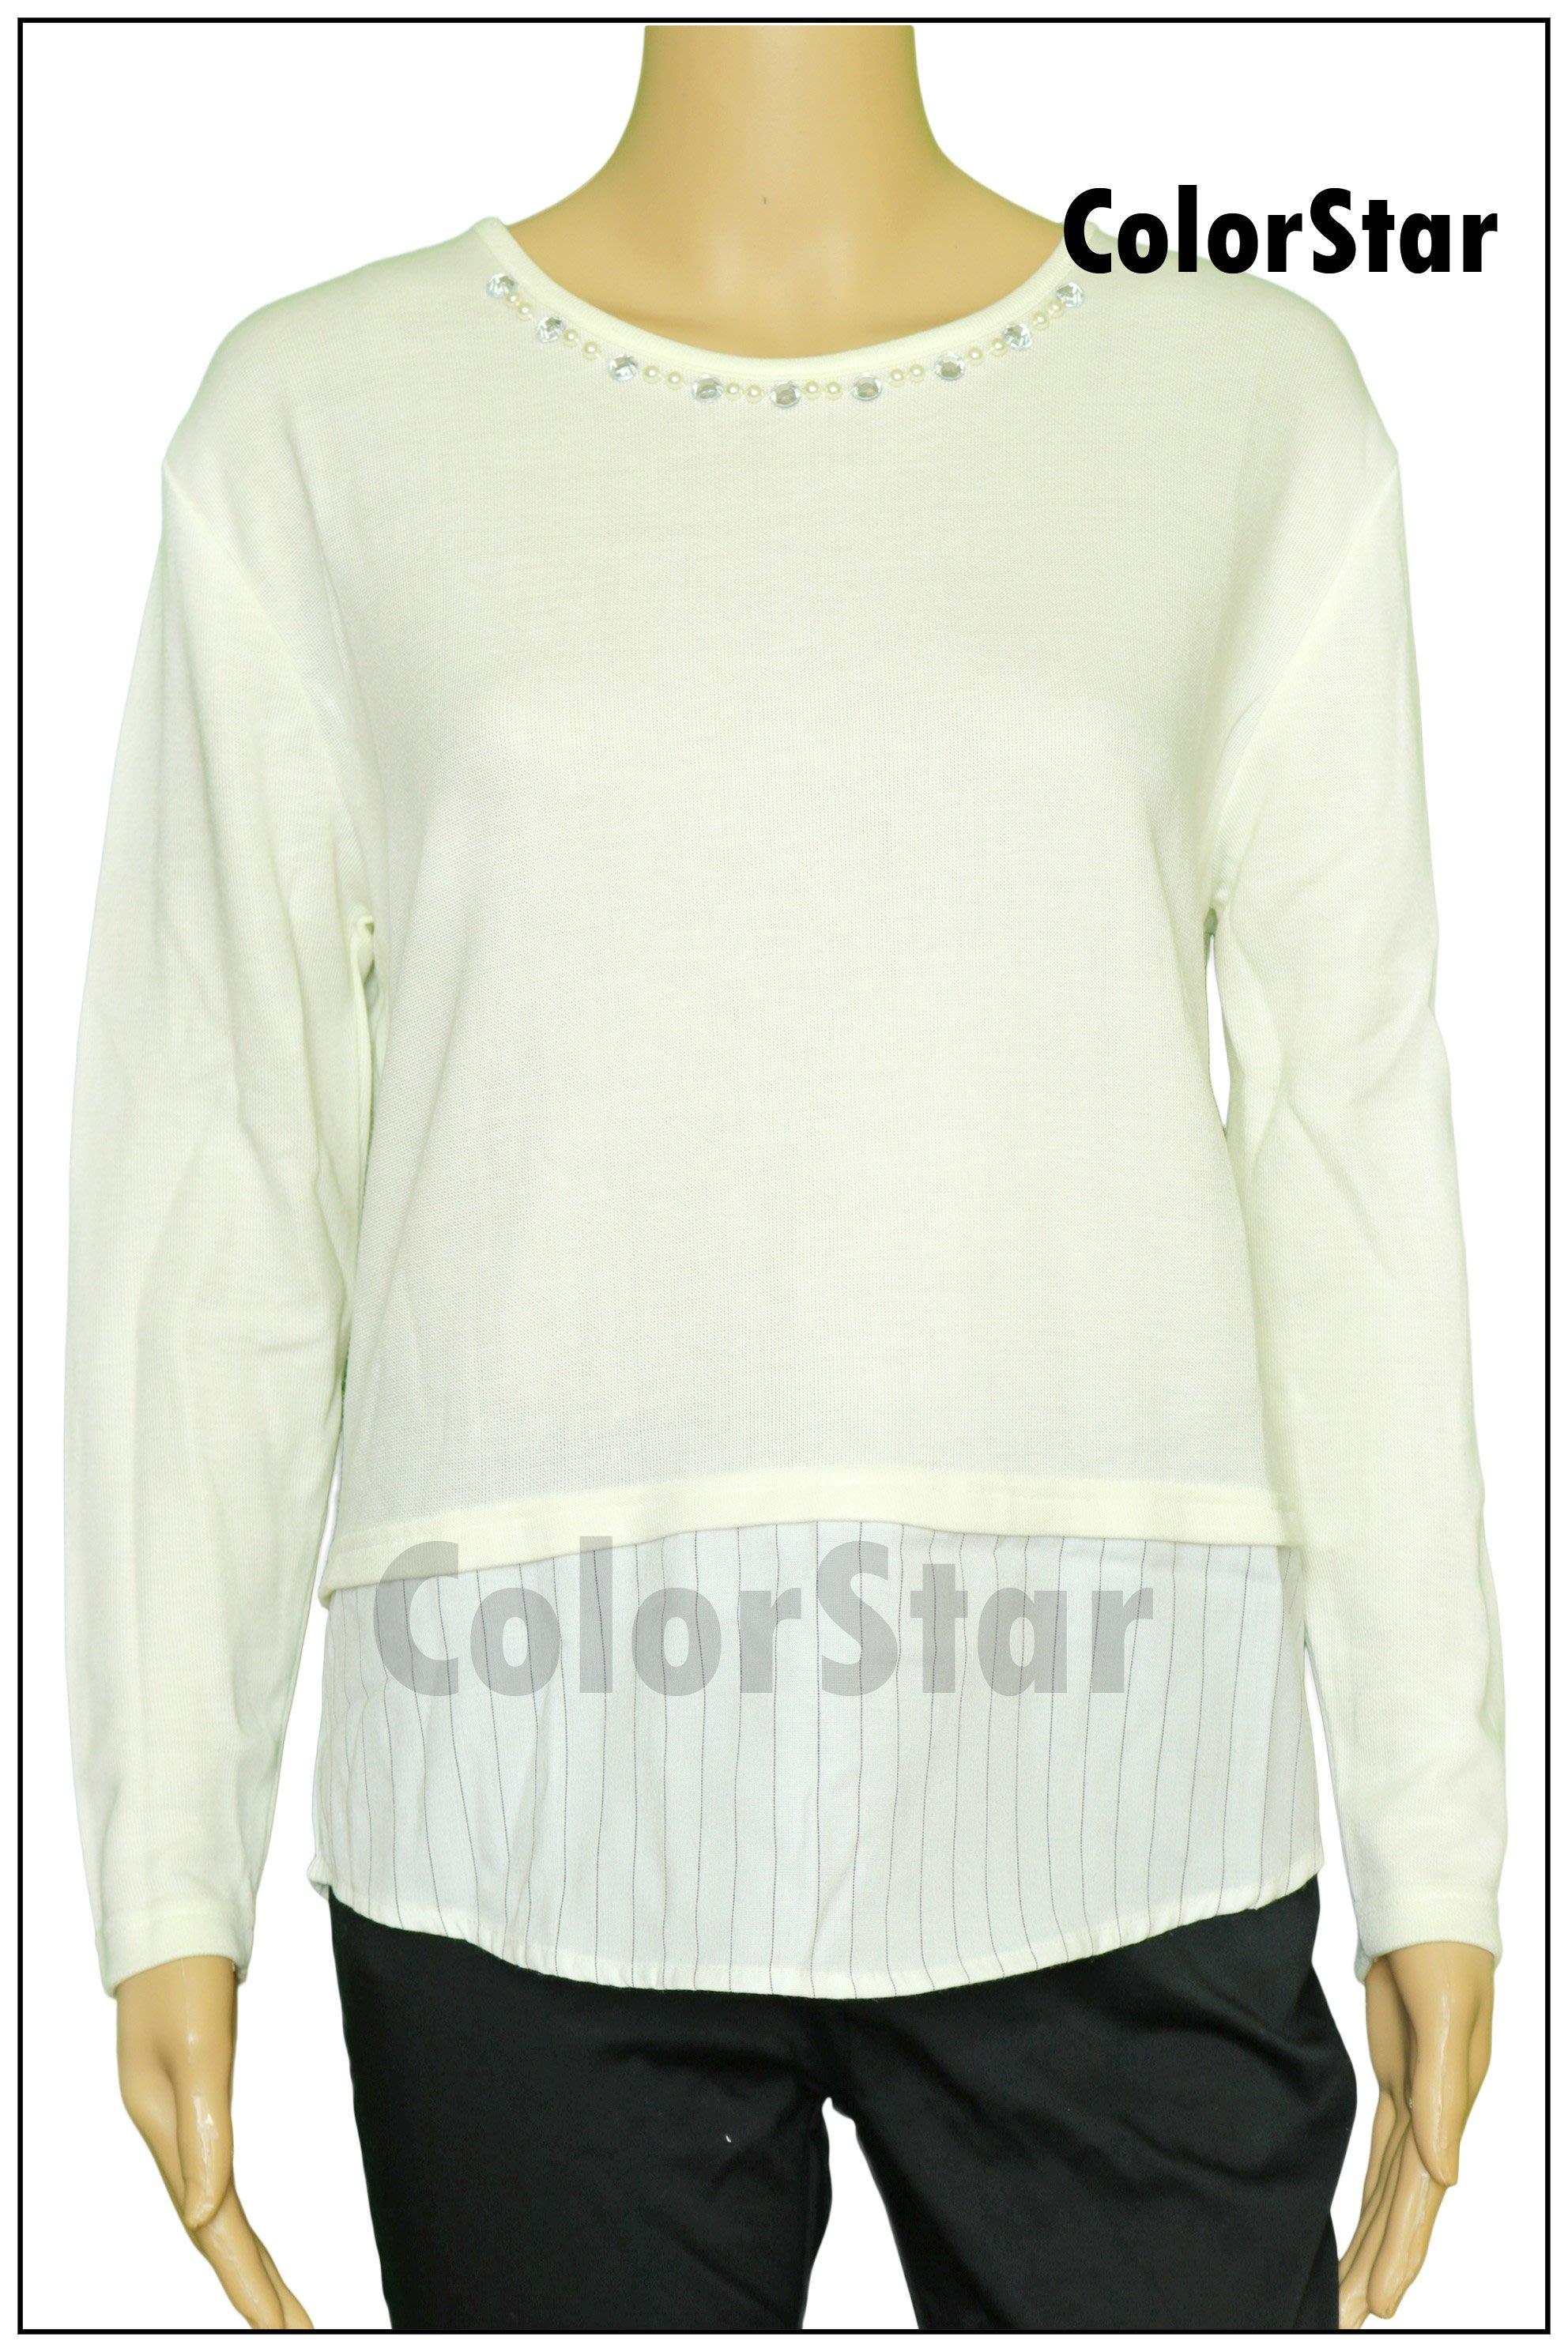 [ColorStar] 日本帶回 NICE CLAUP 米白色 長袖 縫珠珠 上衣,適合各種場合組合穿搭好選擇,別錯過